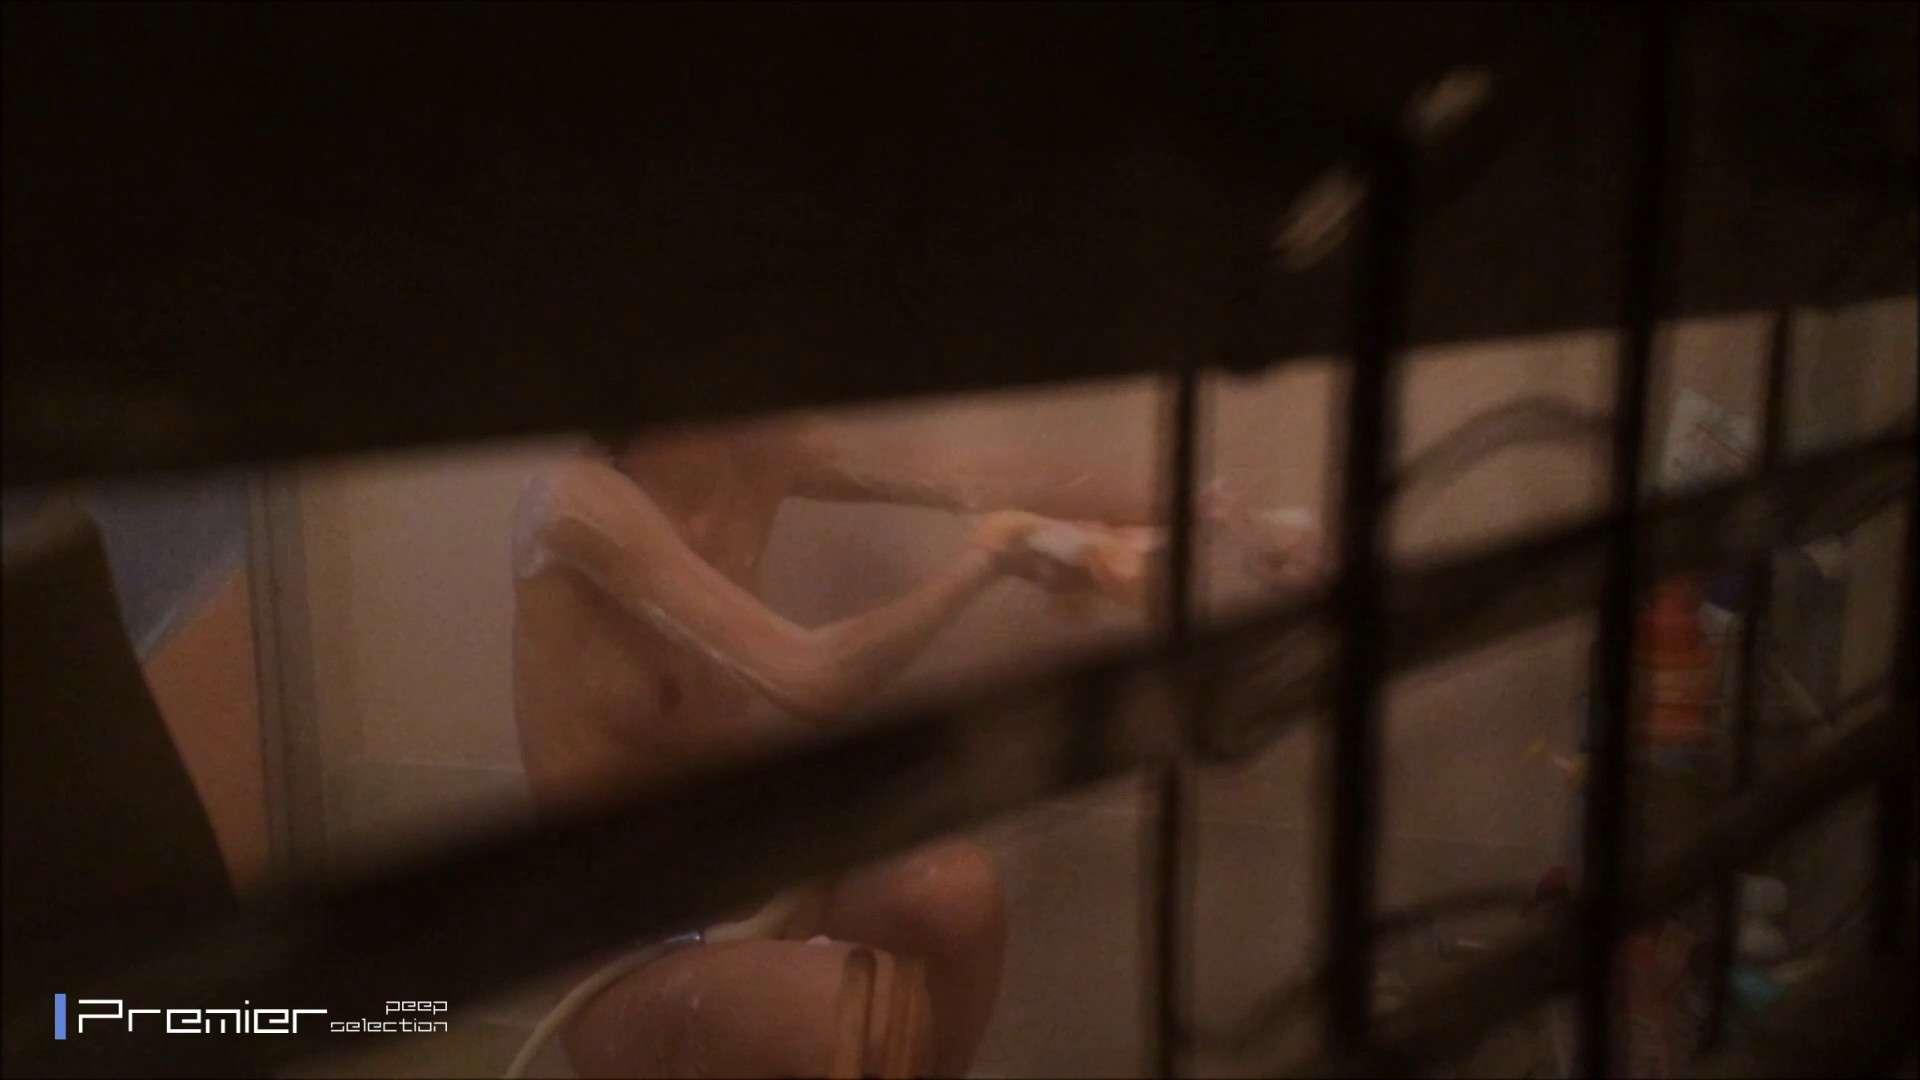 高画質フルハイビジョン スレンダー美女の入浴 乙女の風呂場 Vol.04 ギャル  57PIX 36